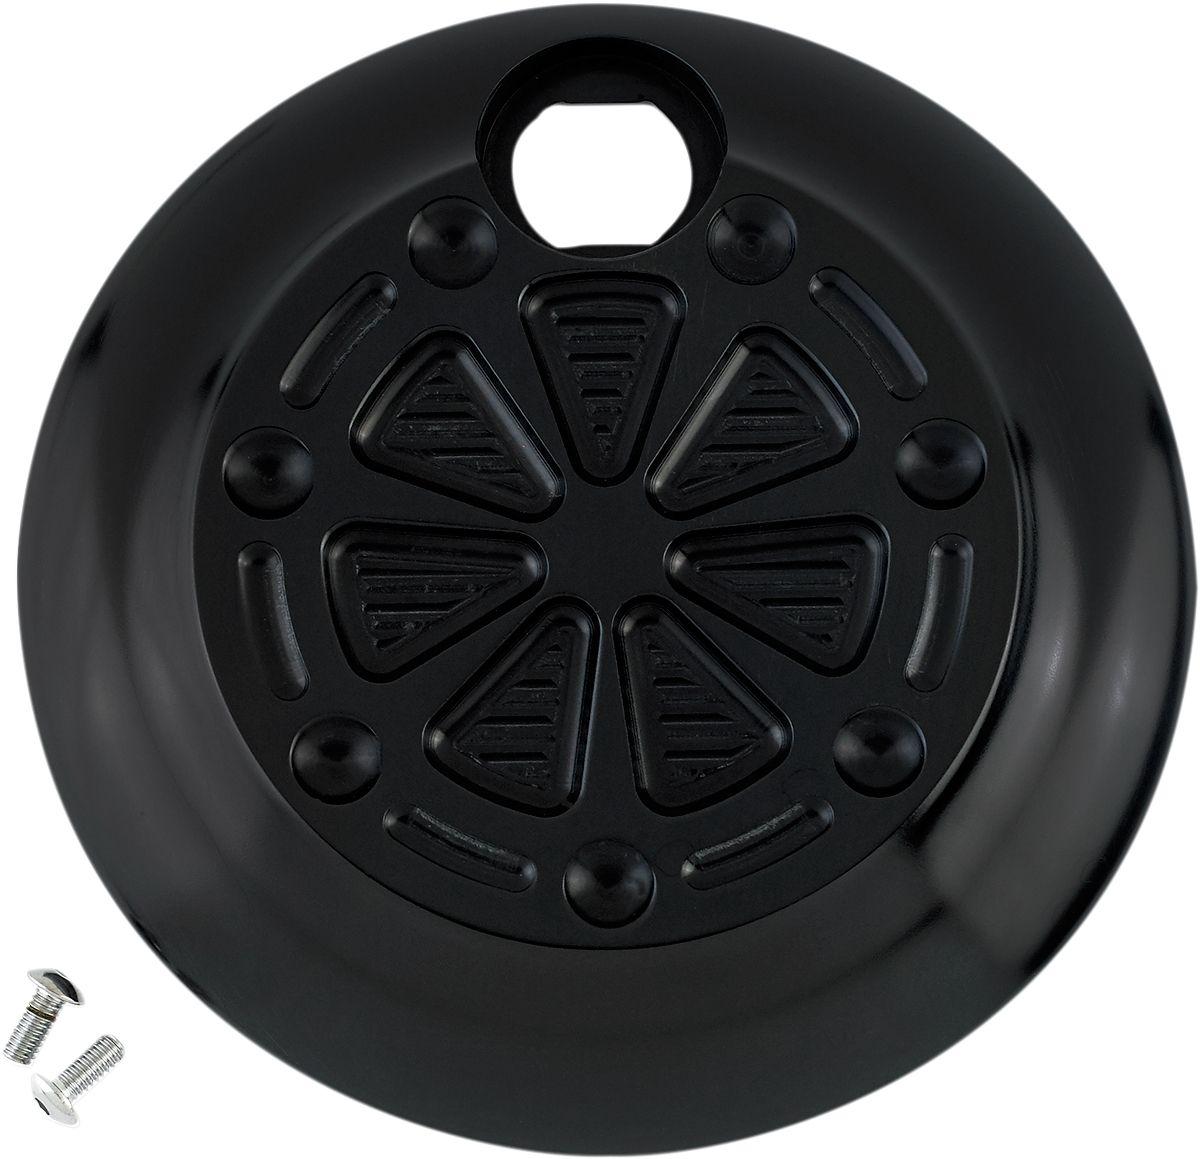 【JOKER MACHINE】油箱蓋 Tech黑色 FL08-16 【DOOR FUEL TEC BLK FL08-16 [0703-0758]】 - 「Webike-摩托百貨」